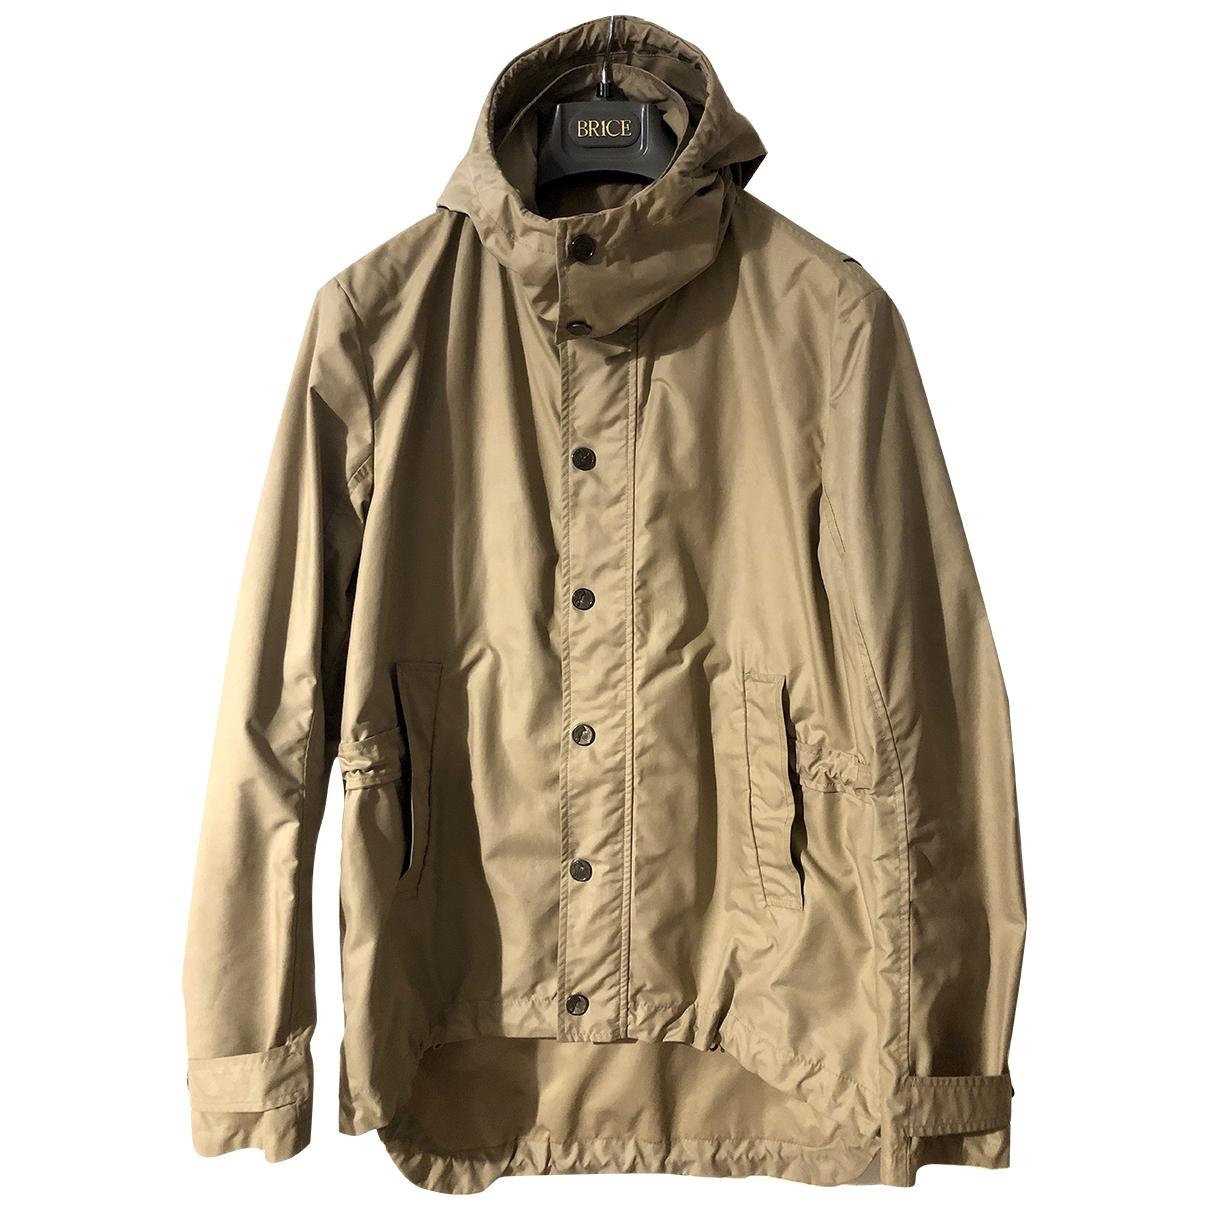 Versace - Manteau   pour homme - beige